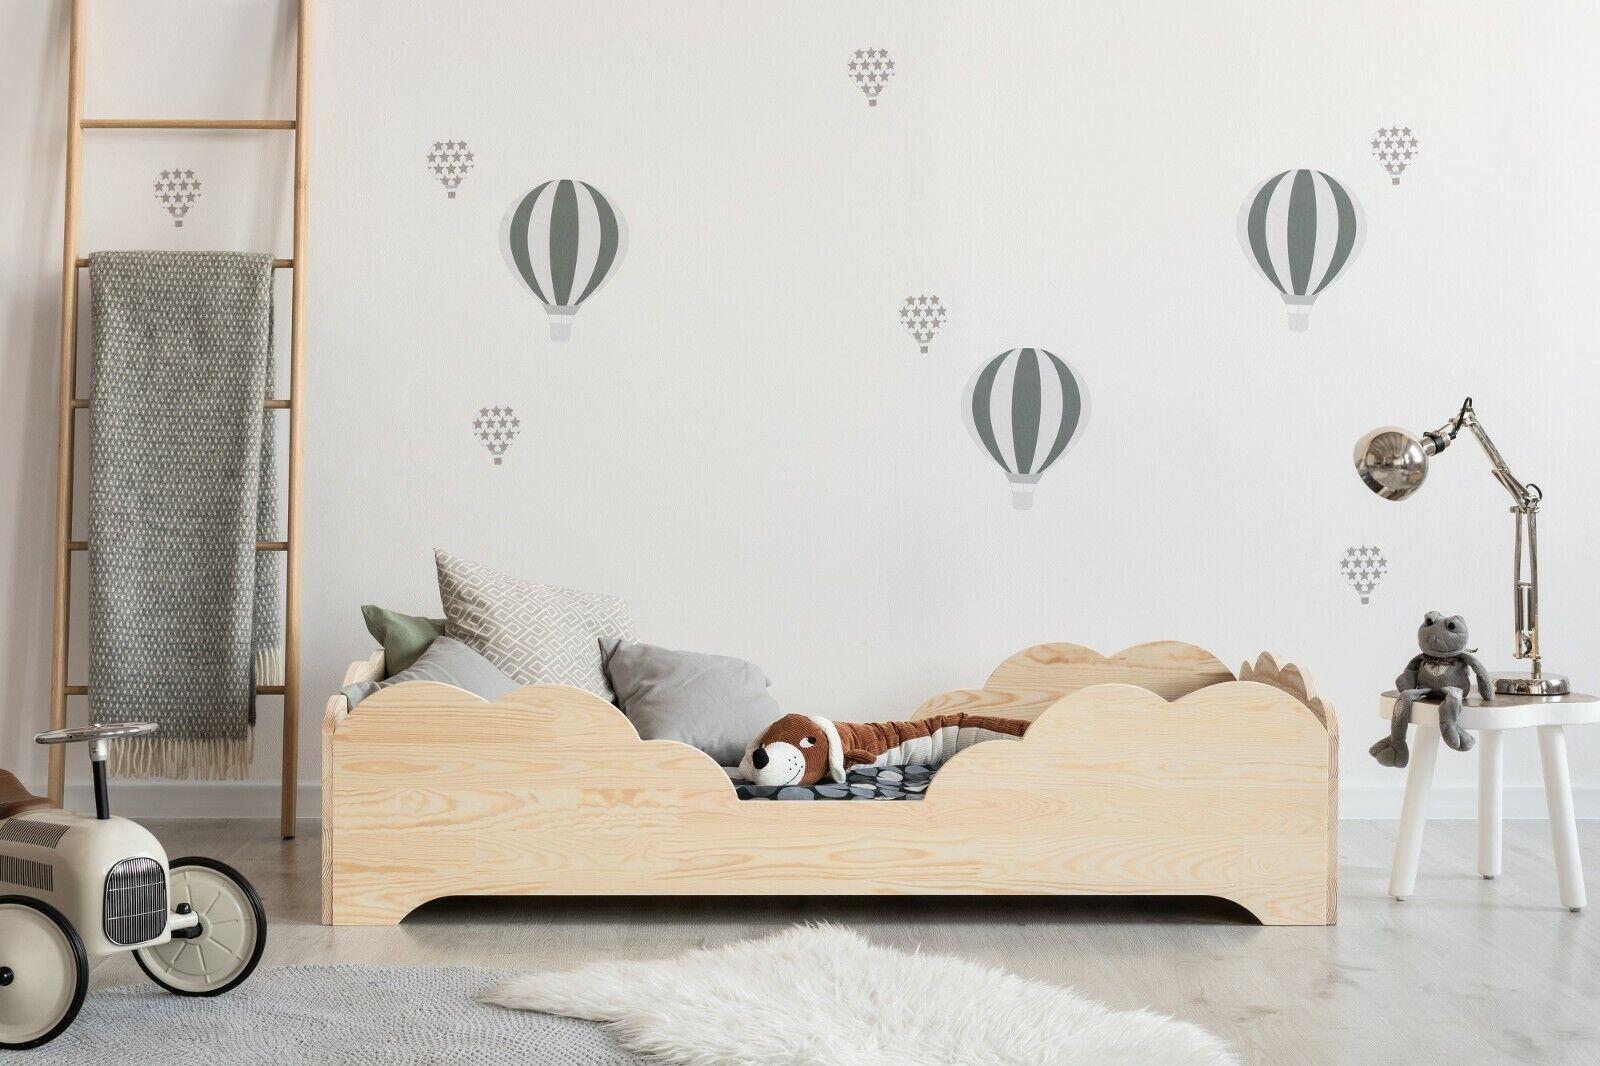 Lit enfant Box Bed Lit pour enfants lit bois Box 10